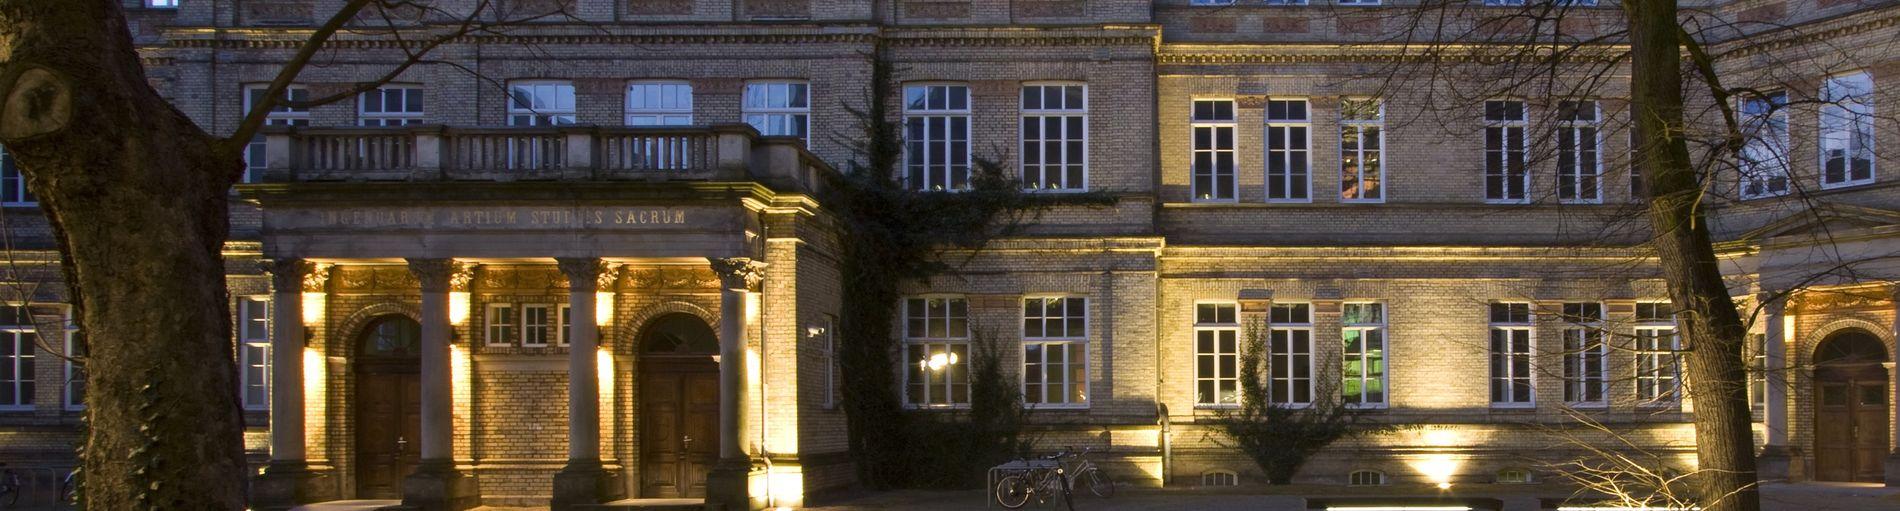 Ein Gebäude mit hellen Steinen in der Dunkelheit.